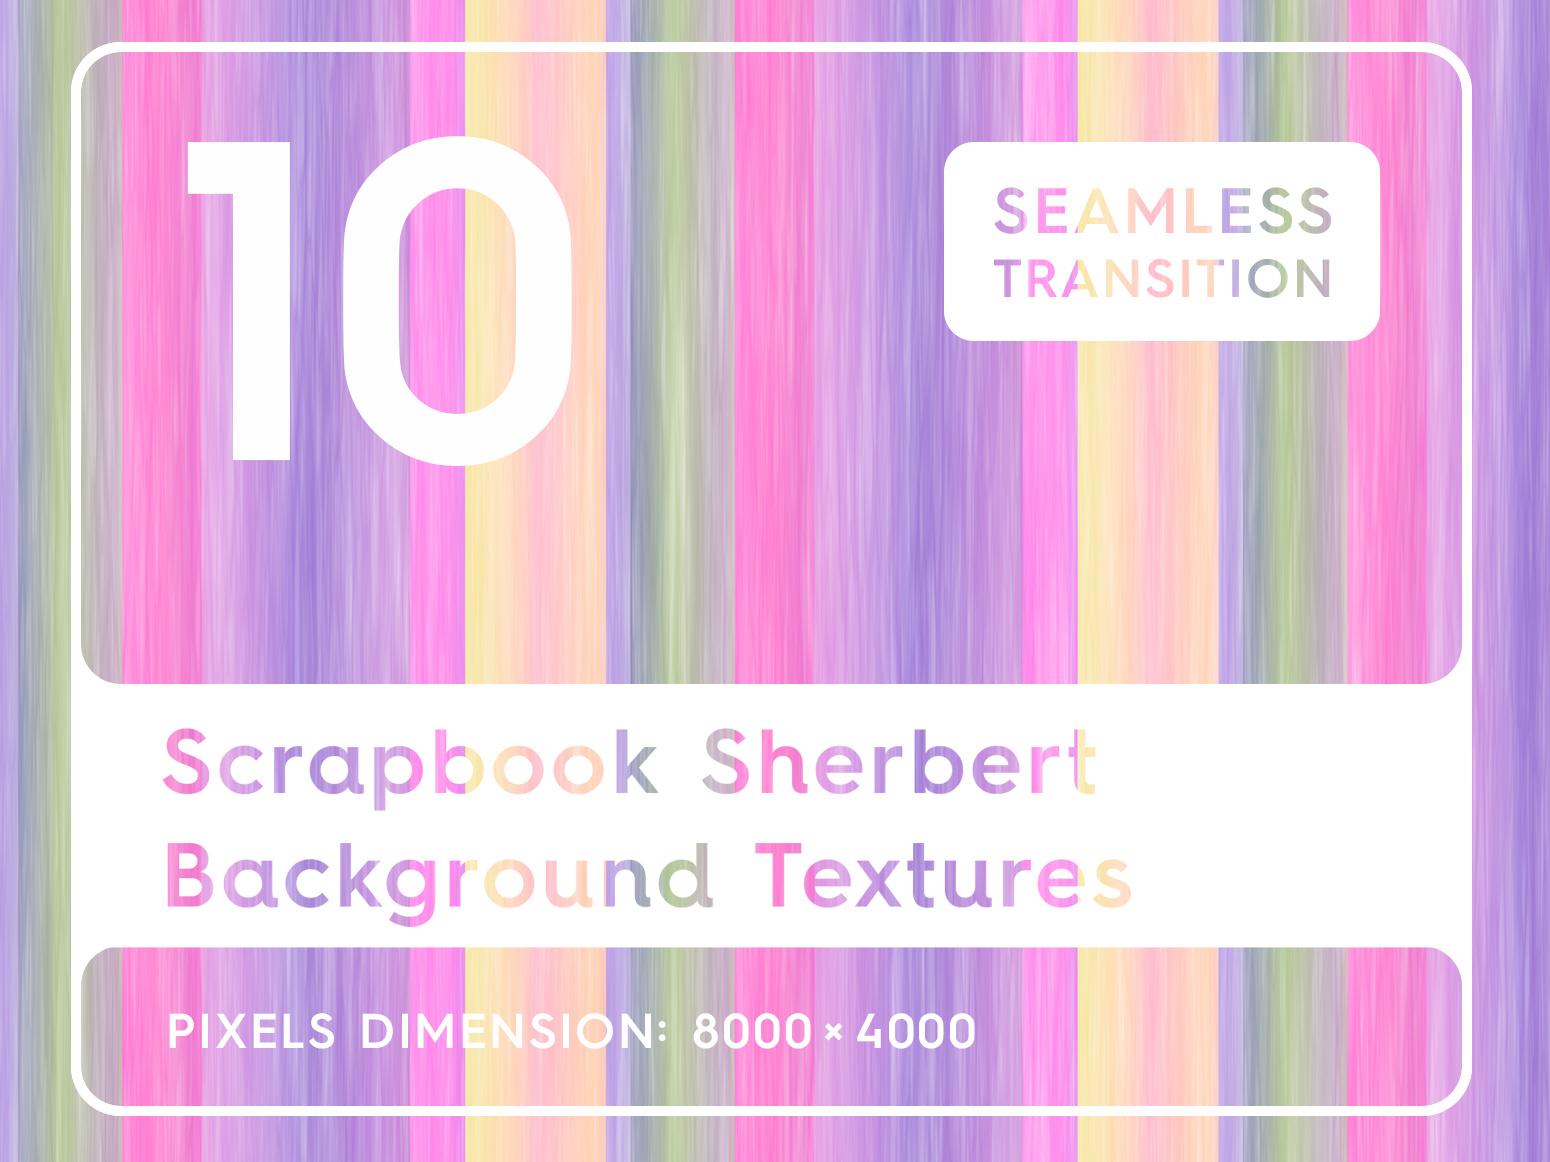 10 Scrapbook Sherbert Background Textures by Alexander Nedviga on 1550x1162